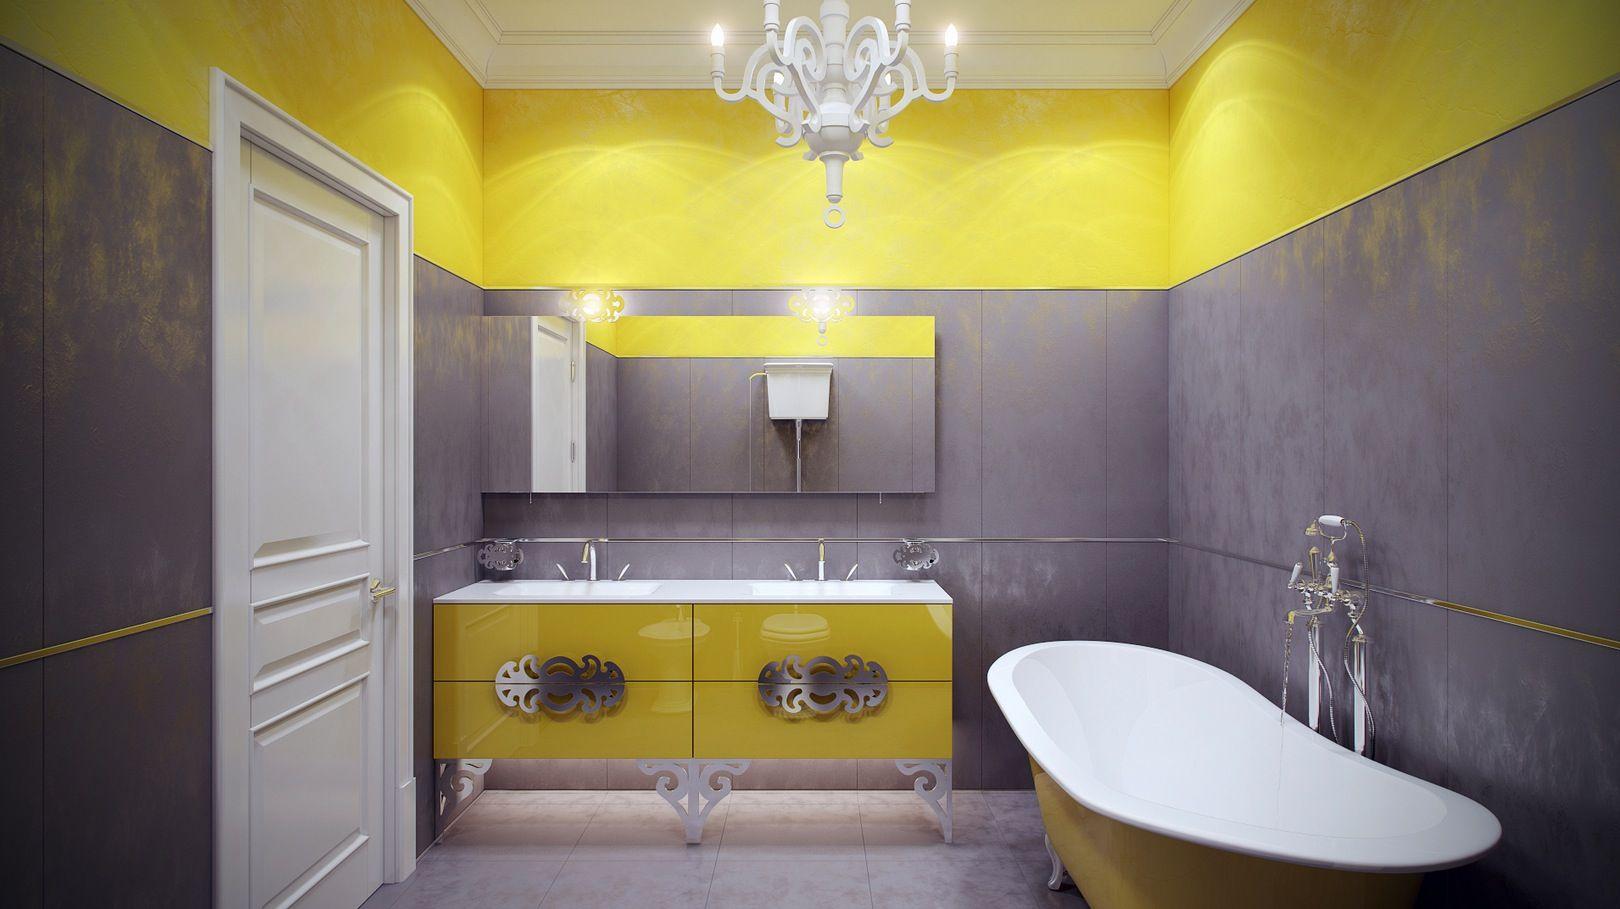 wandfarbe gelb grau | Wohnzimmer Wände Streichen Ideen | Pinterest ...